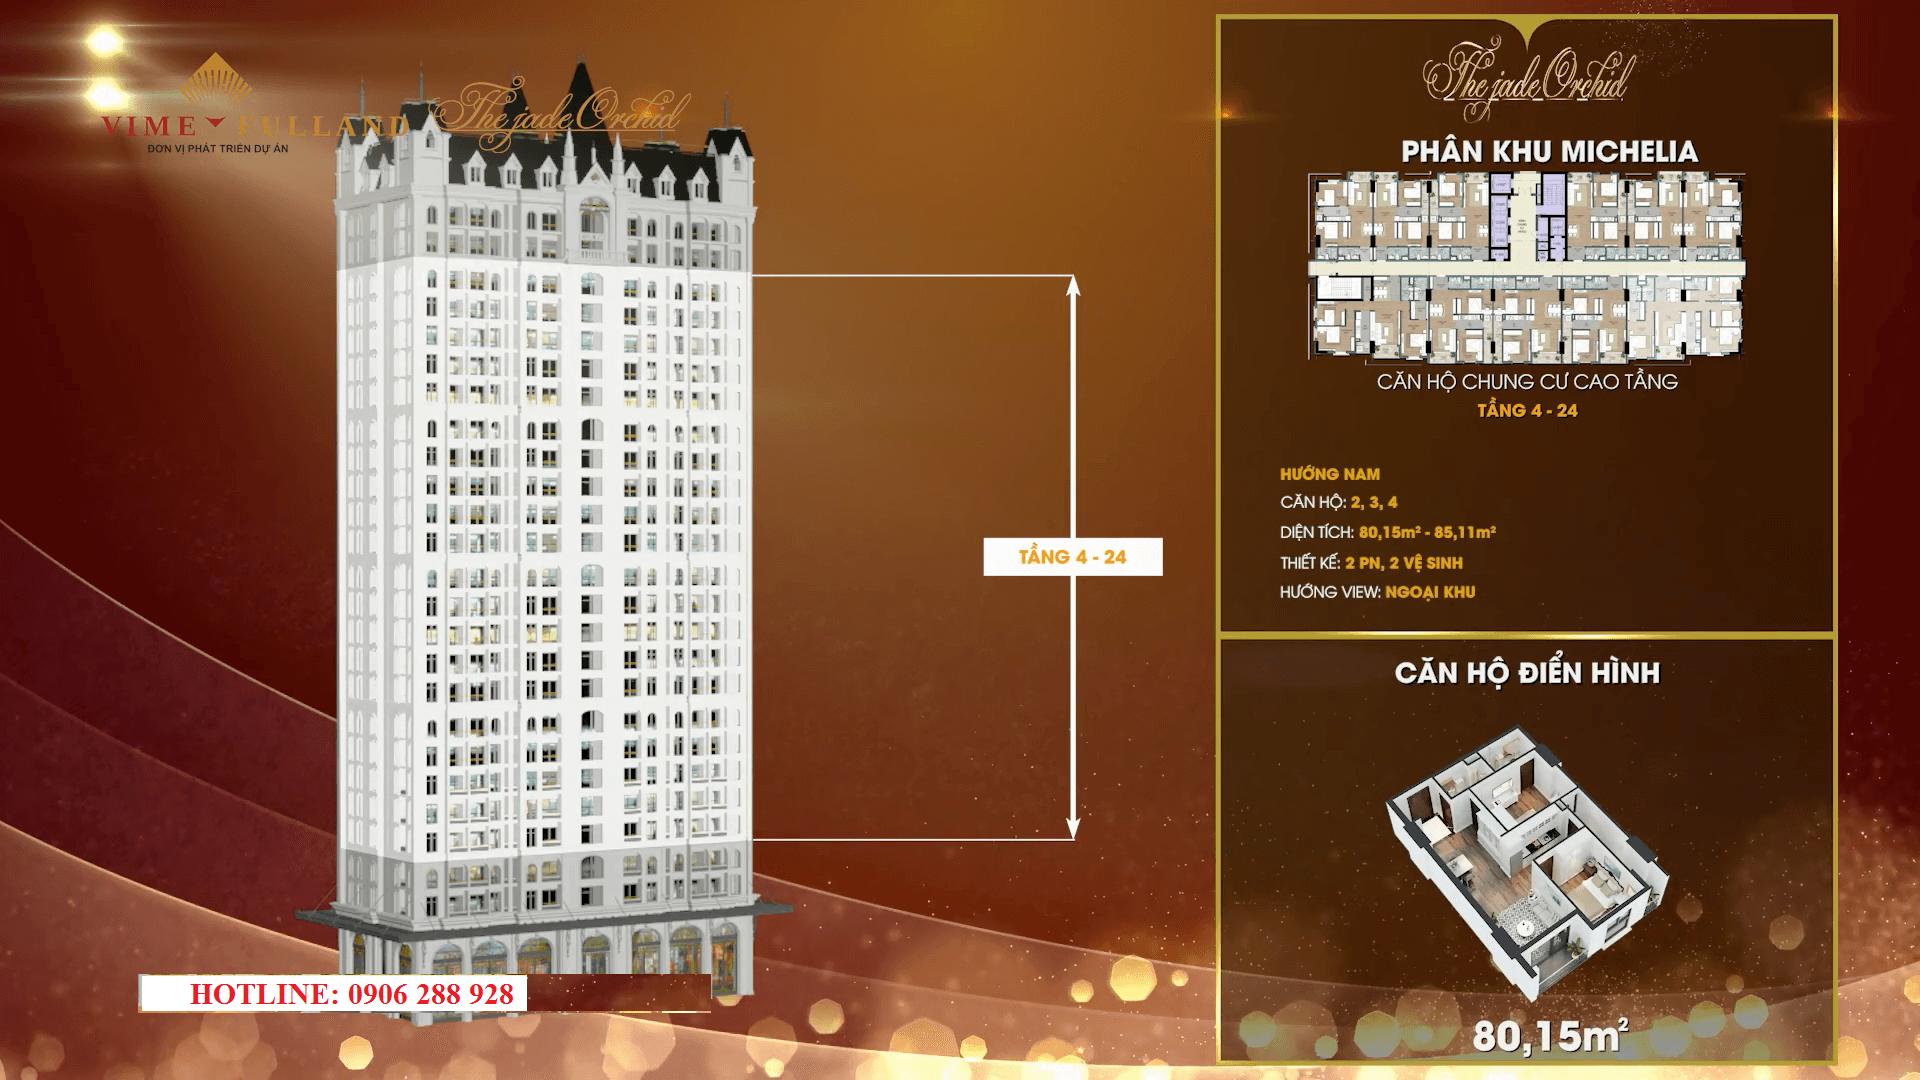 Thiết kế căn hộ 02 - 03 - 04 tầng 4 - 24